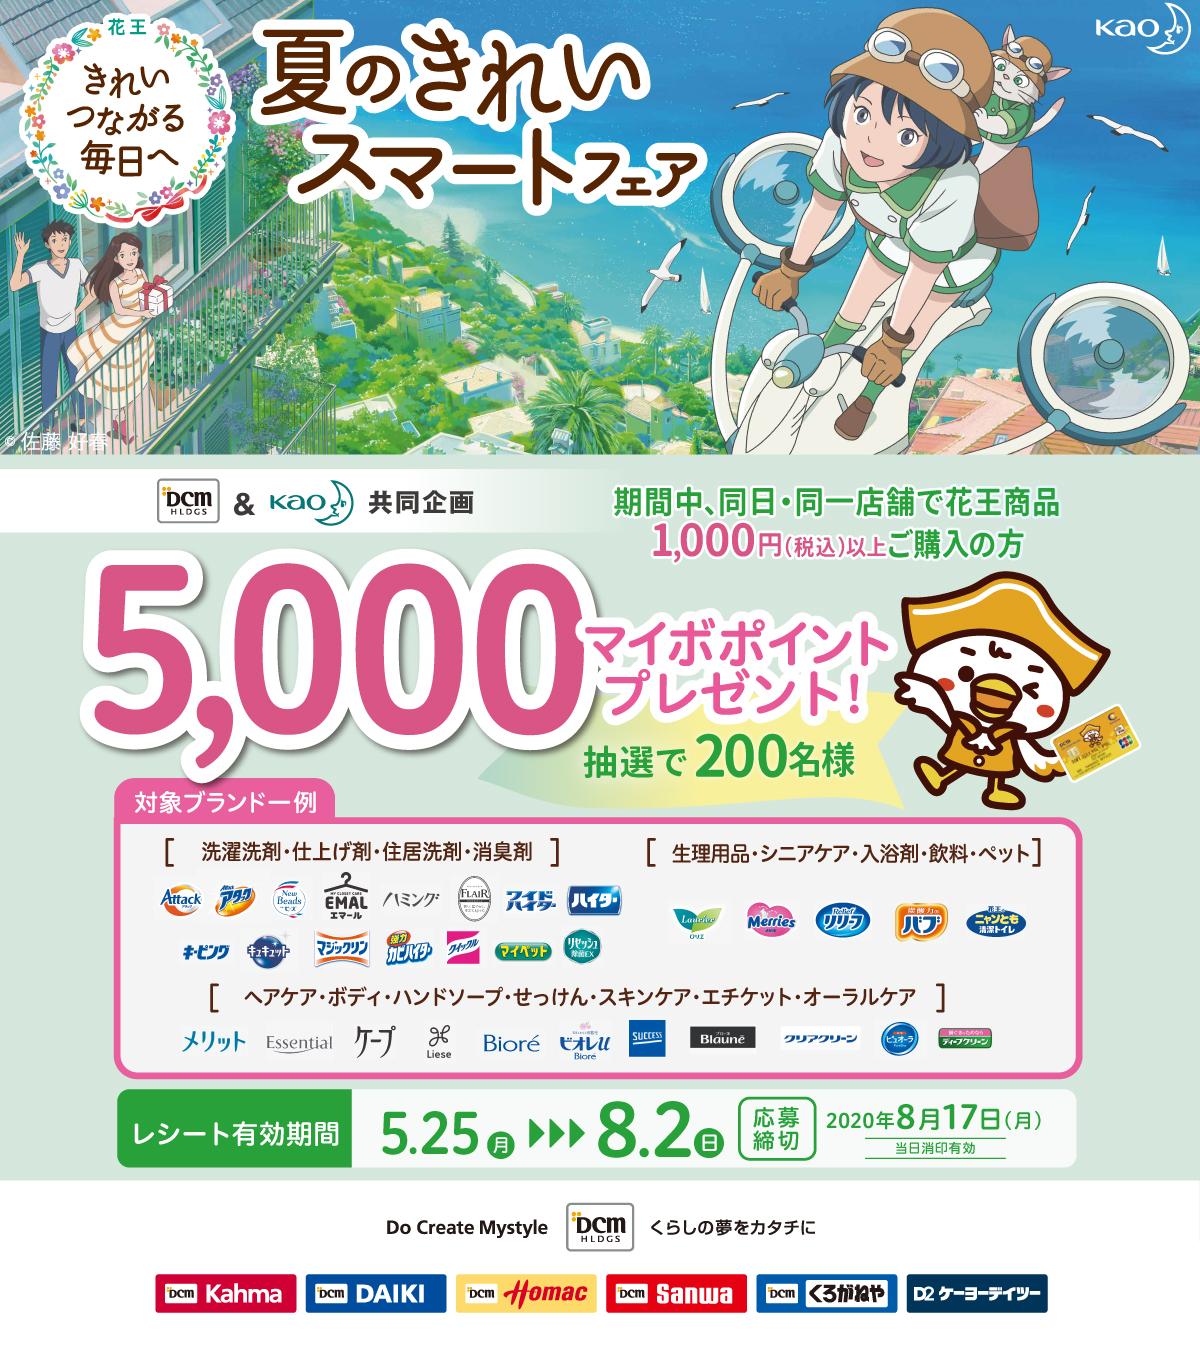 キャンペーン 花王 PayPay、花王商品の購入で最大30%還元 6月1日~6月30日